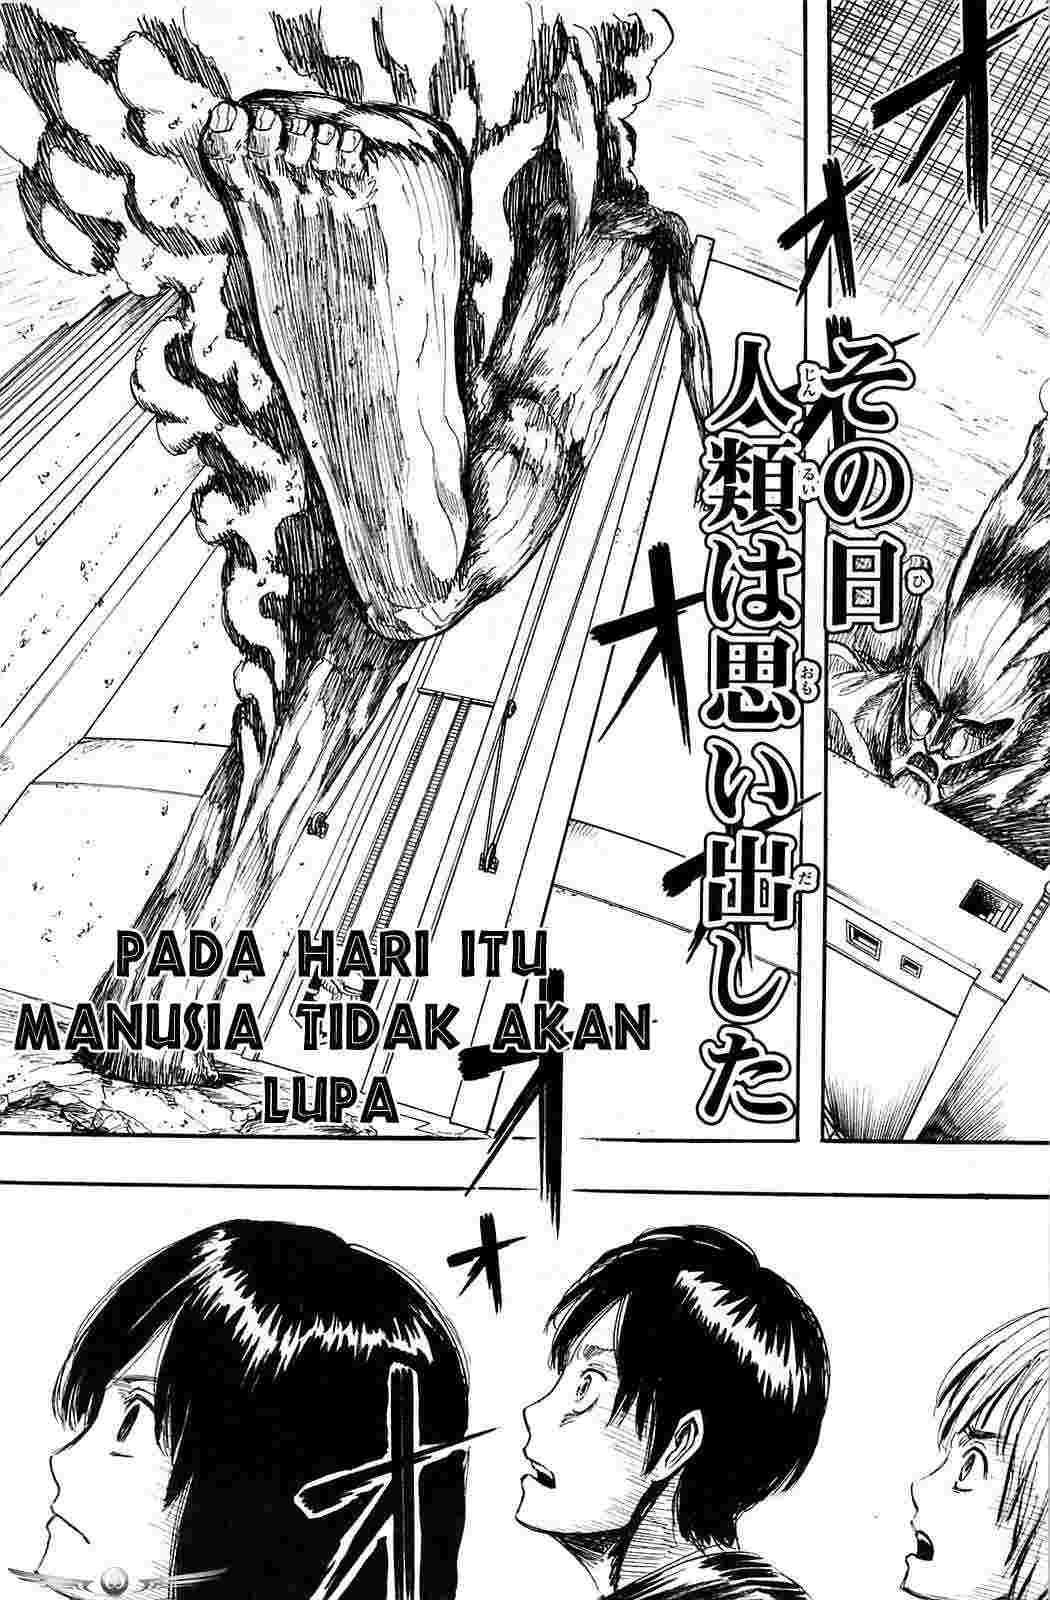 Dilarang COPAS - situs resmi www.mangacanblog.com - Komik shingeki no kyojin 001 2 Indonesia shingeki no kyojin 001 Terbaru 50|Baca Manga Komik Indonesia|Mangacan